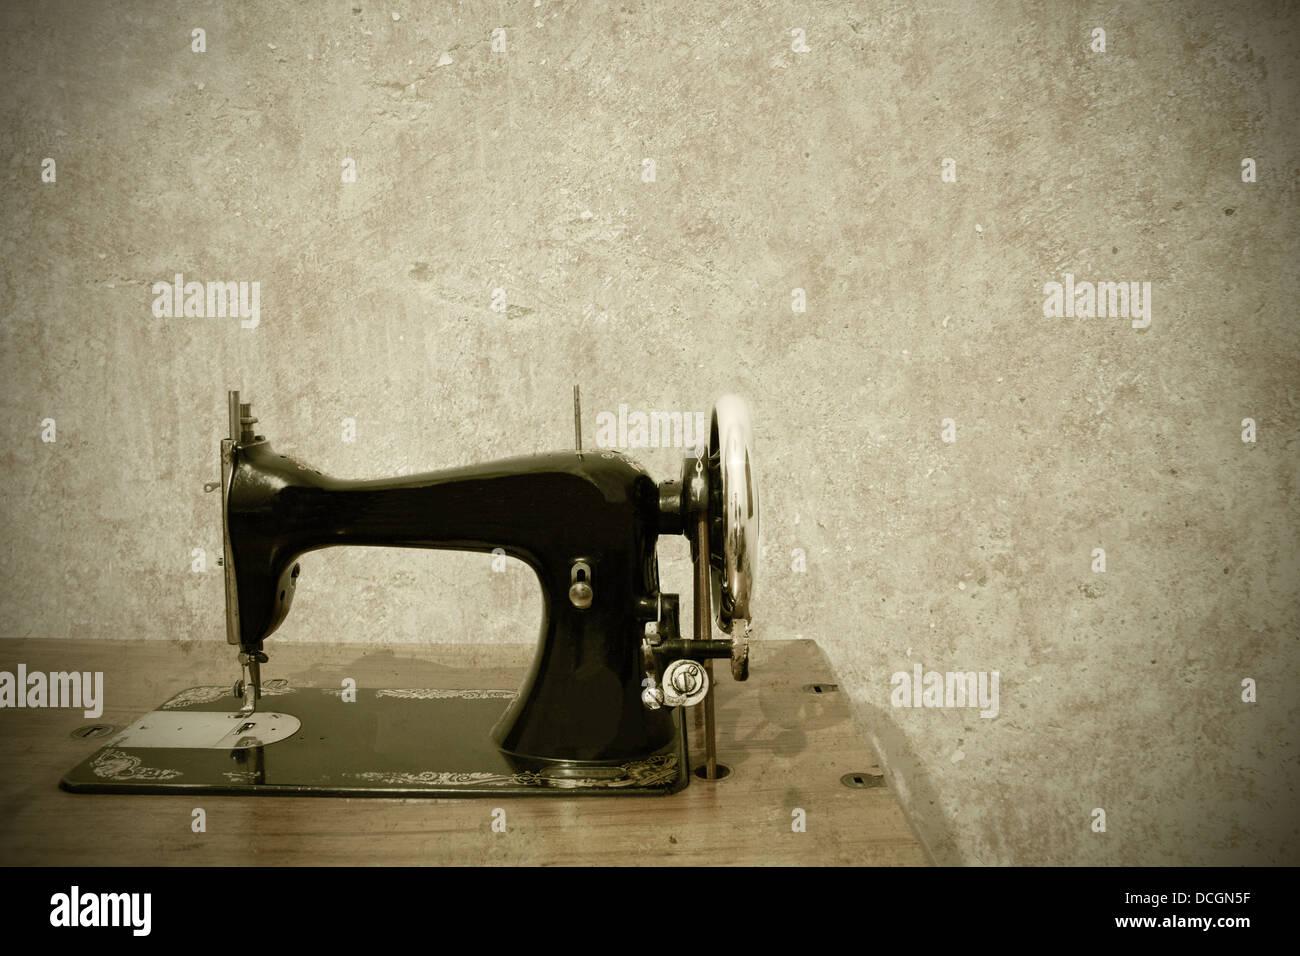 Une très vieille machine à coudre sur un fond blanc Photo Stock